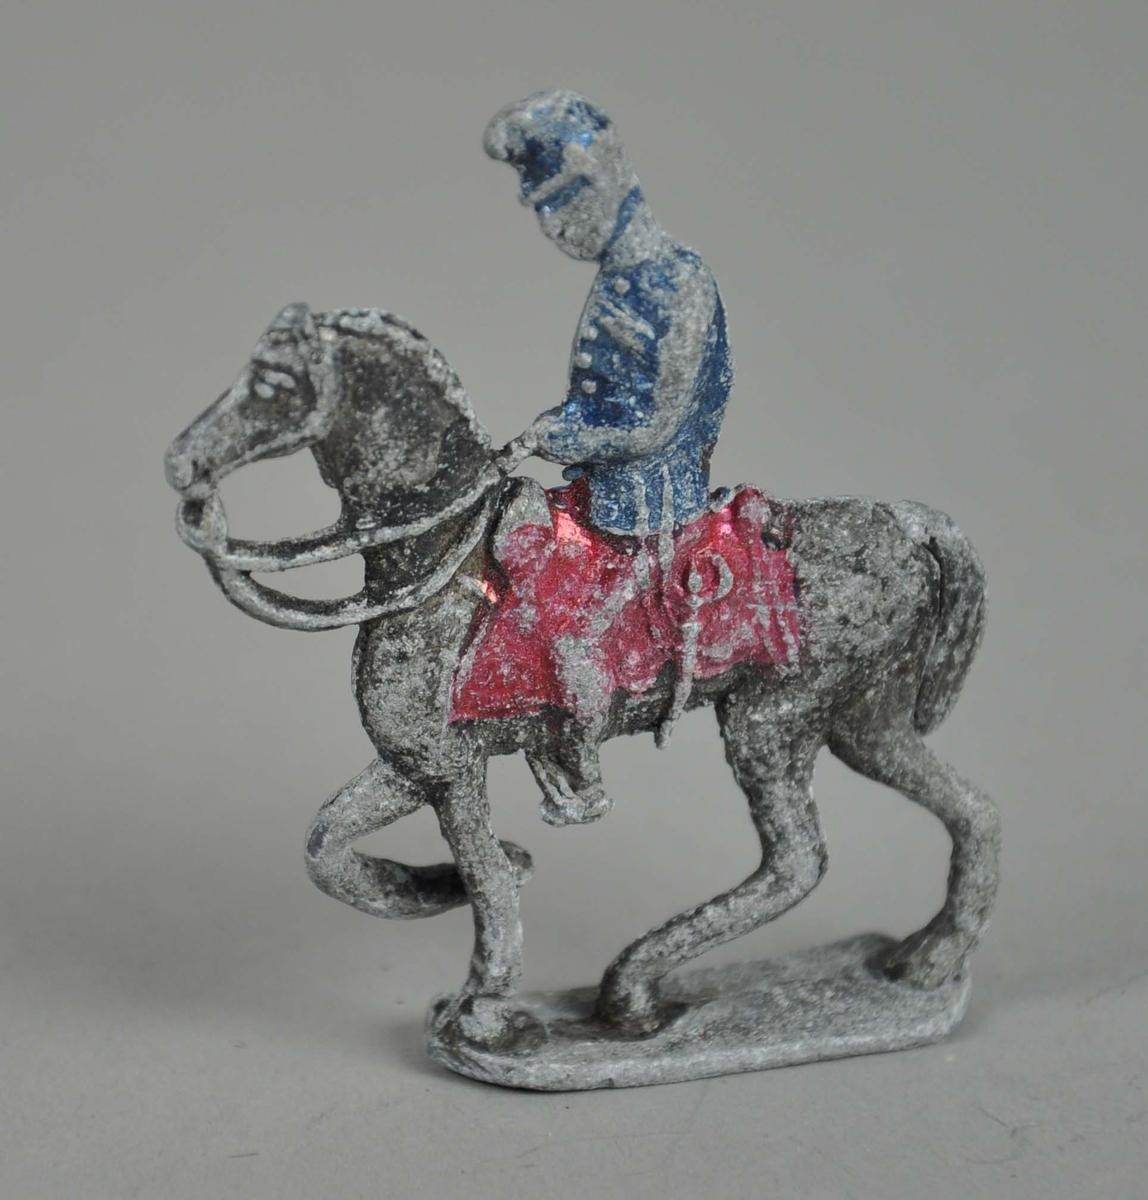 Liten figur av tinn. Figuren forestiller person på hest og står på en oval støtte. Spor etter maling på figuren.